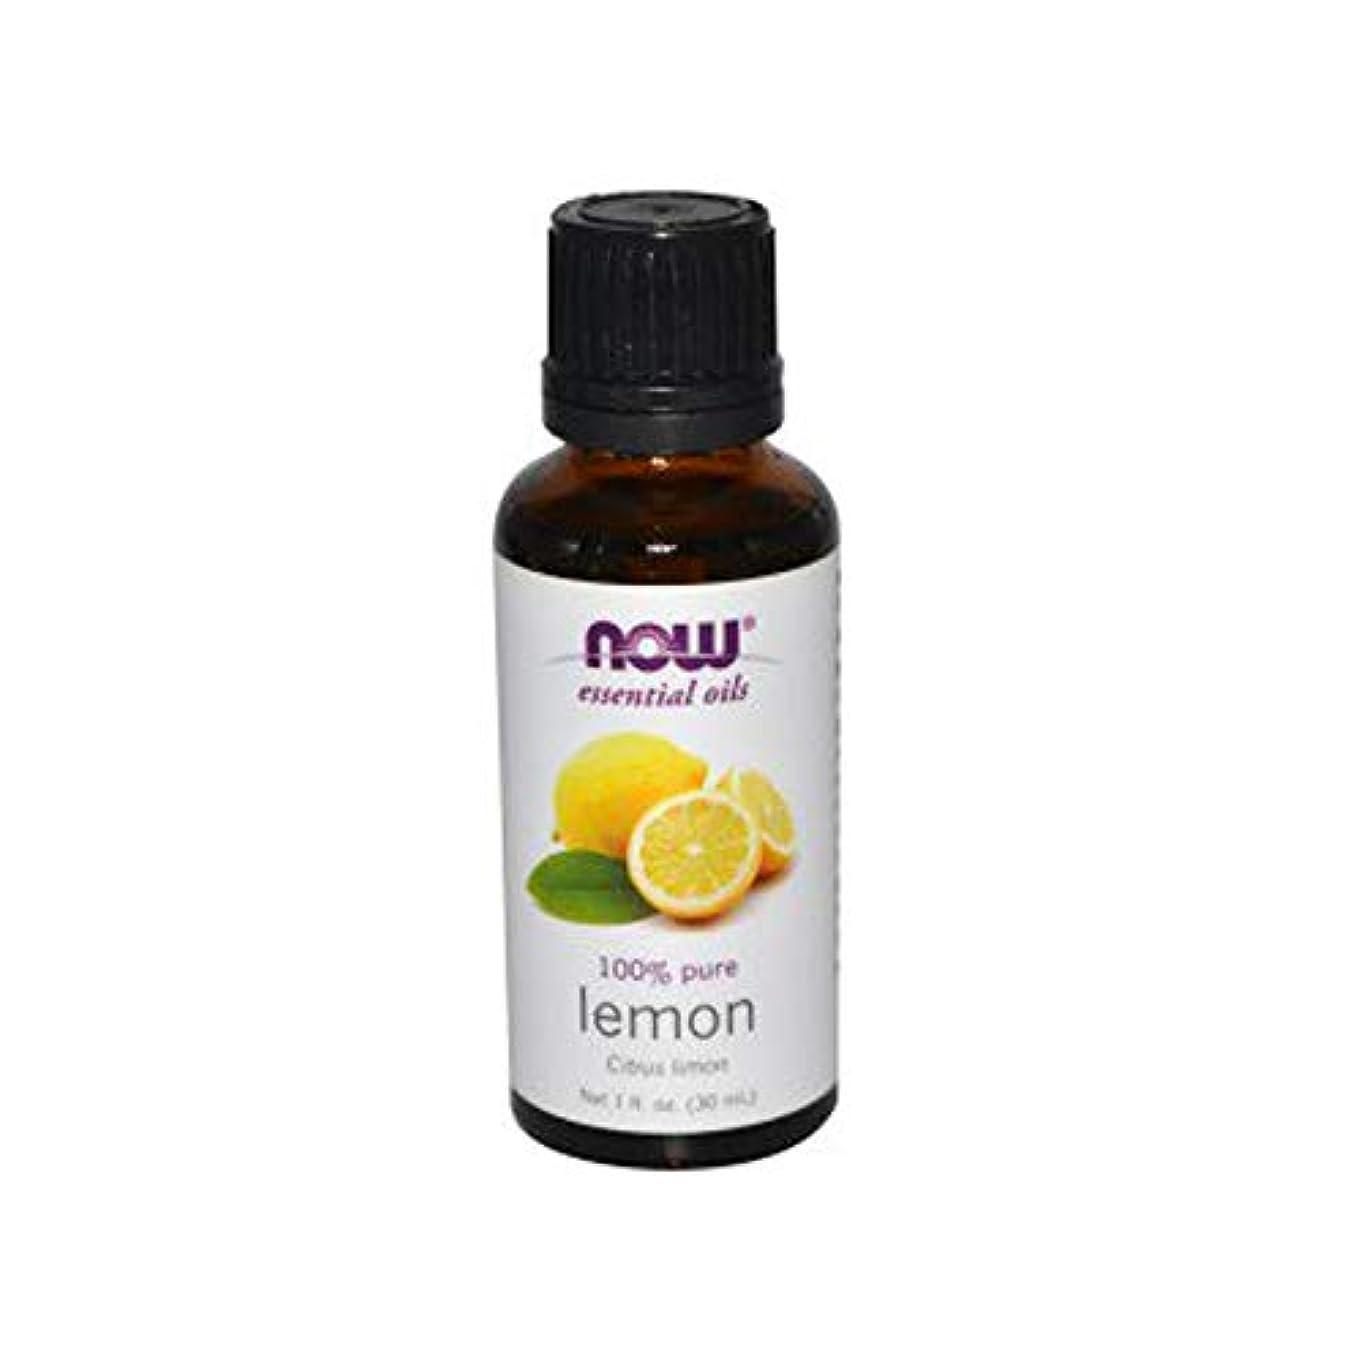 一目雑多な実り多いNOW Foods (ナウフーズ) エッセンシャルアロマオイル レモン 30ml 【正規輸入品】